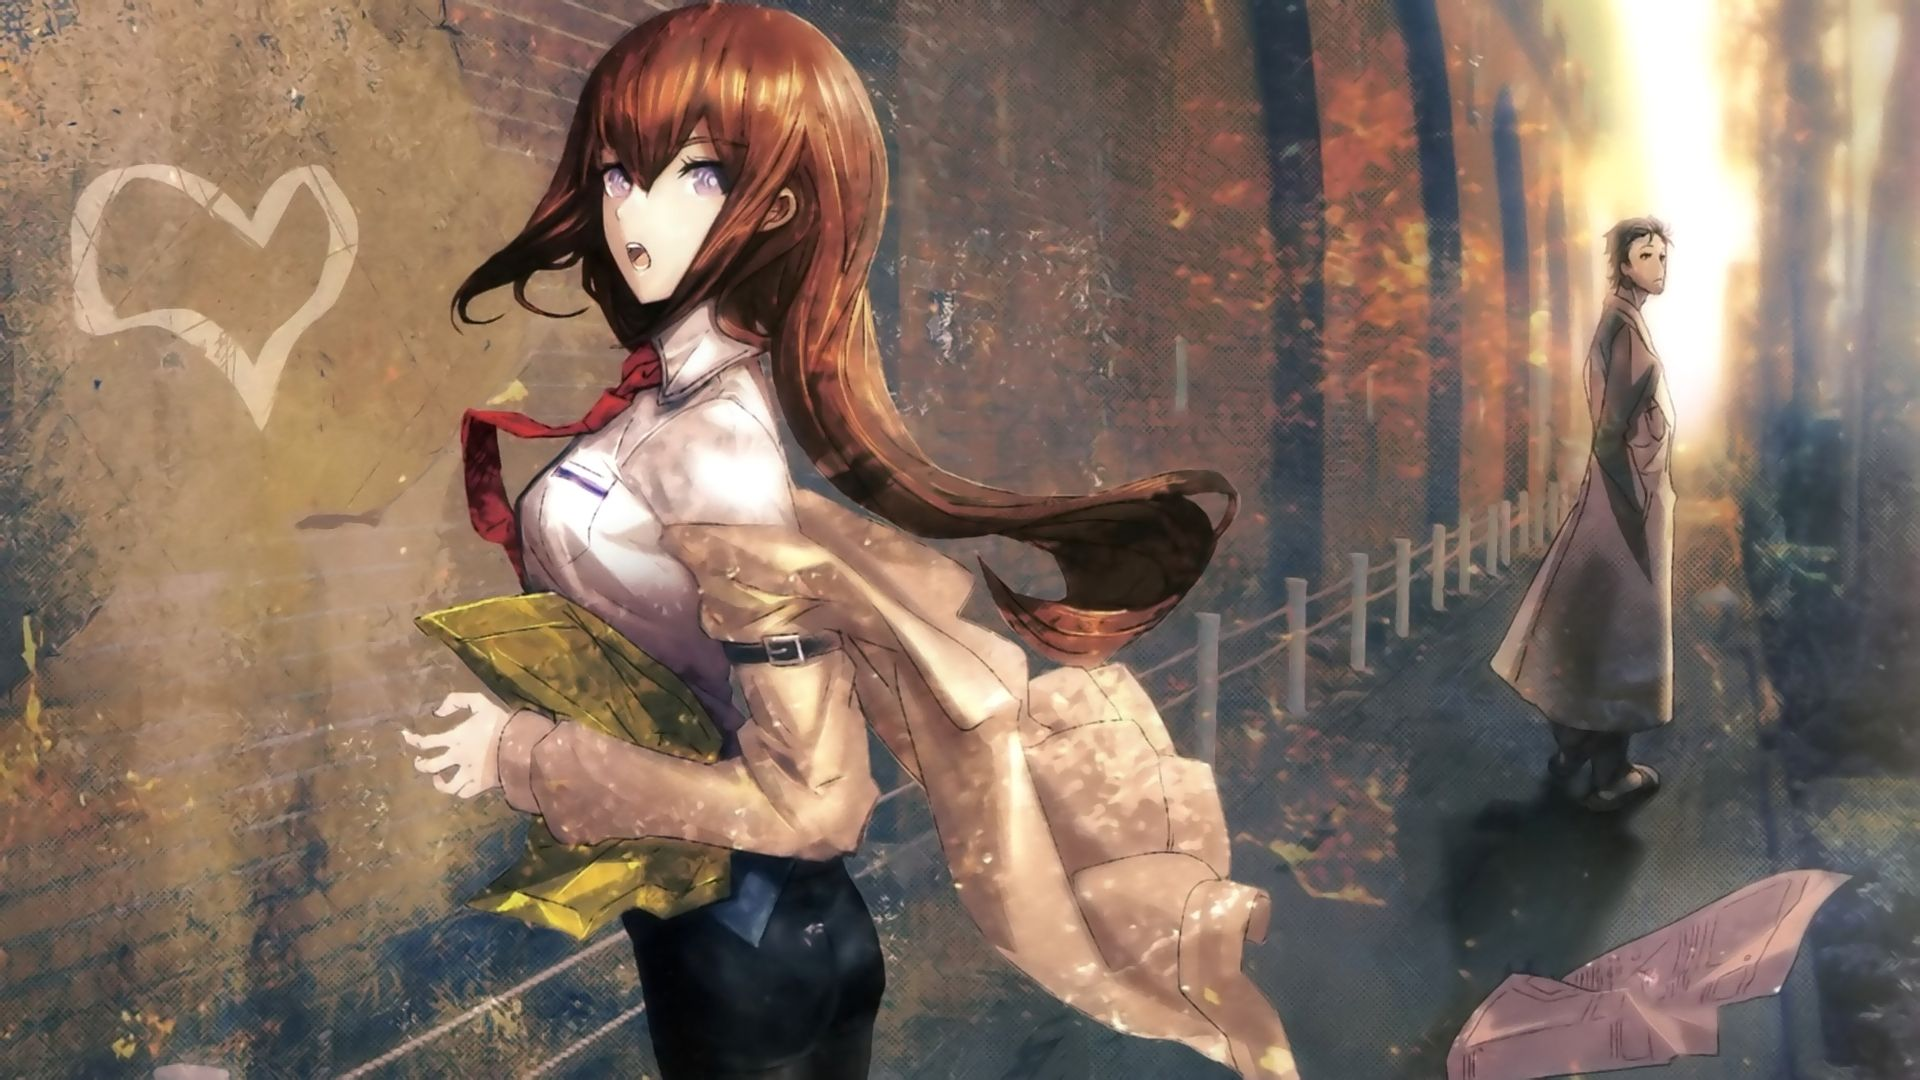 下载览禁少女游戏_命运石之门游戏插画运用的什么上色手法?